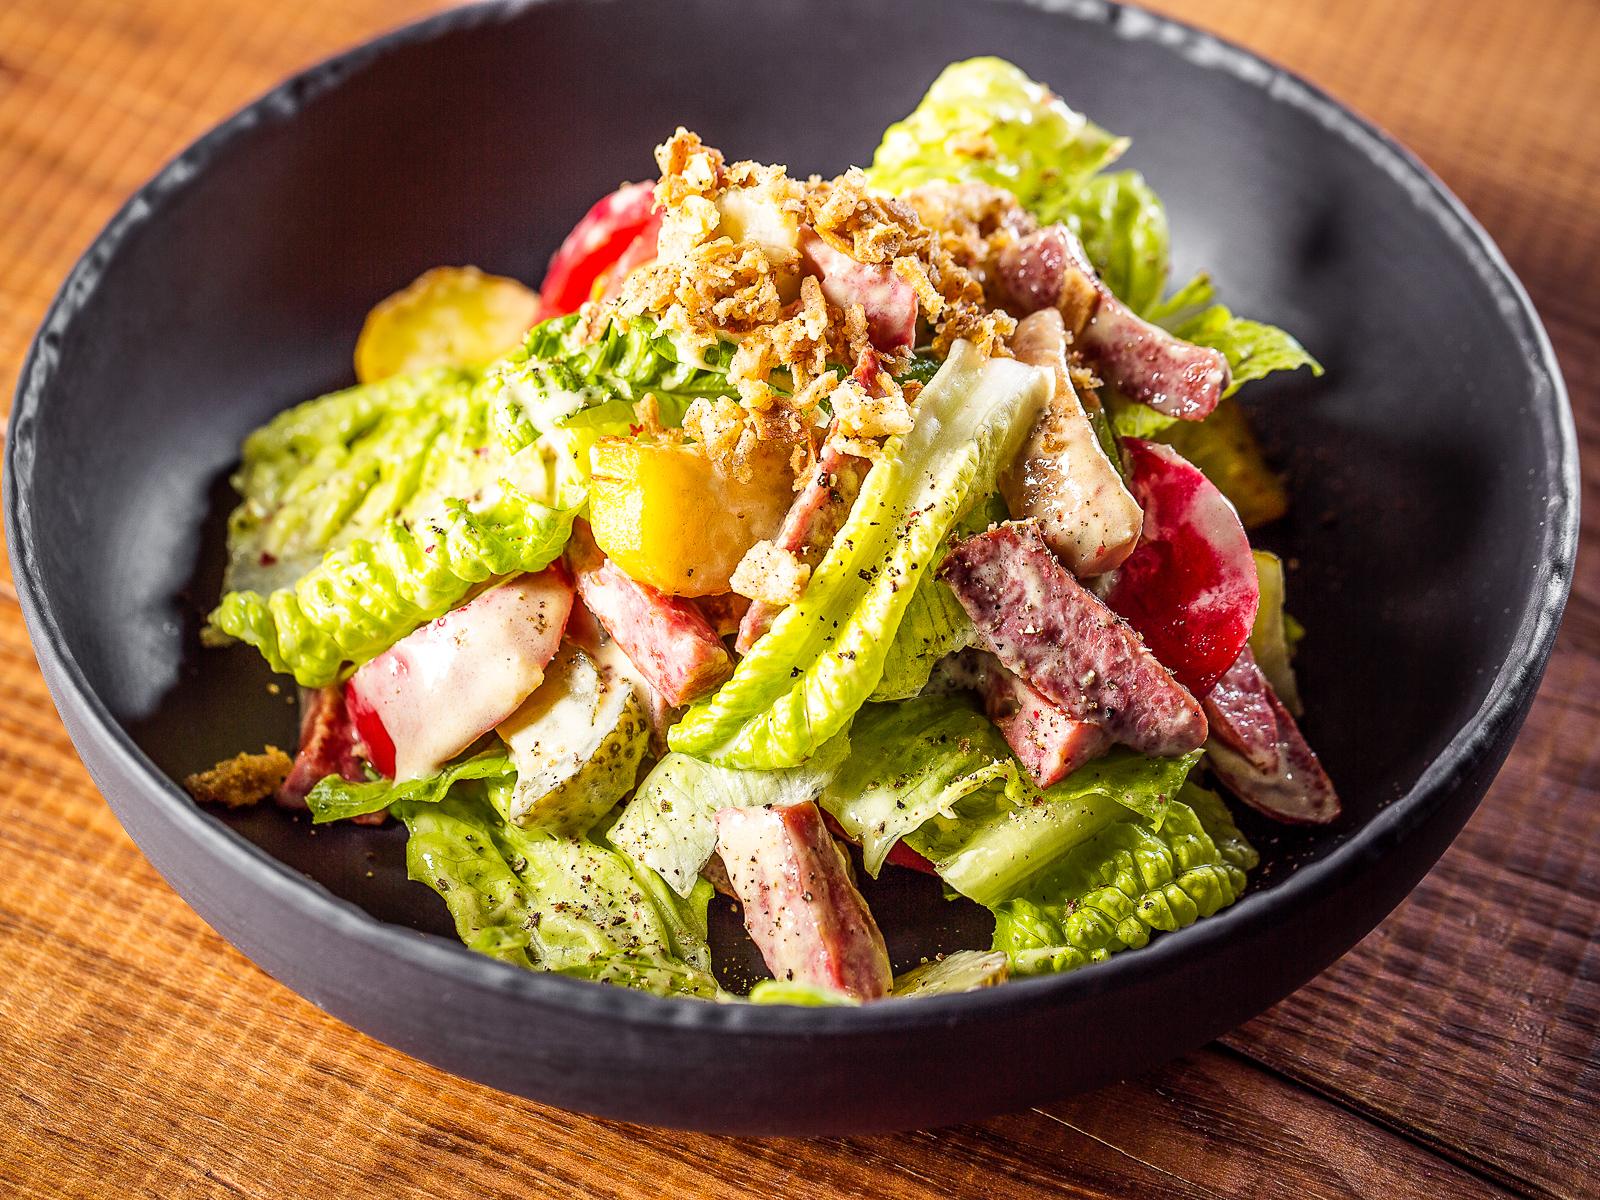 Салат с копчеными колбасками в горчичном соусе